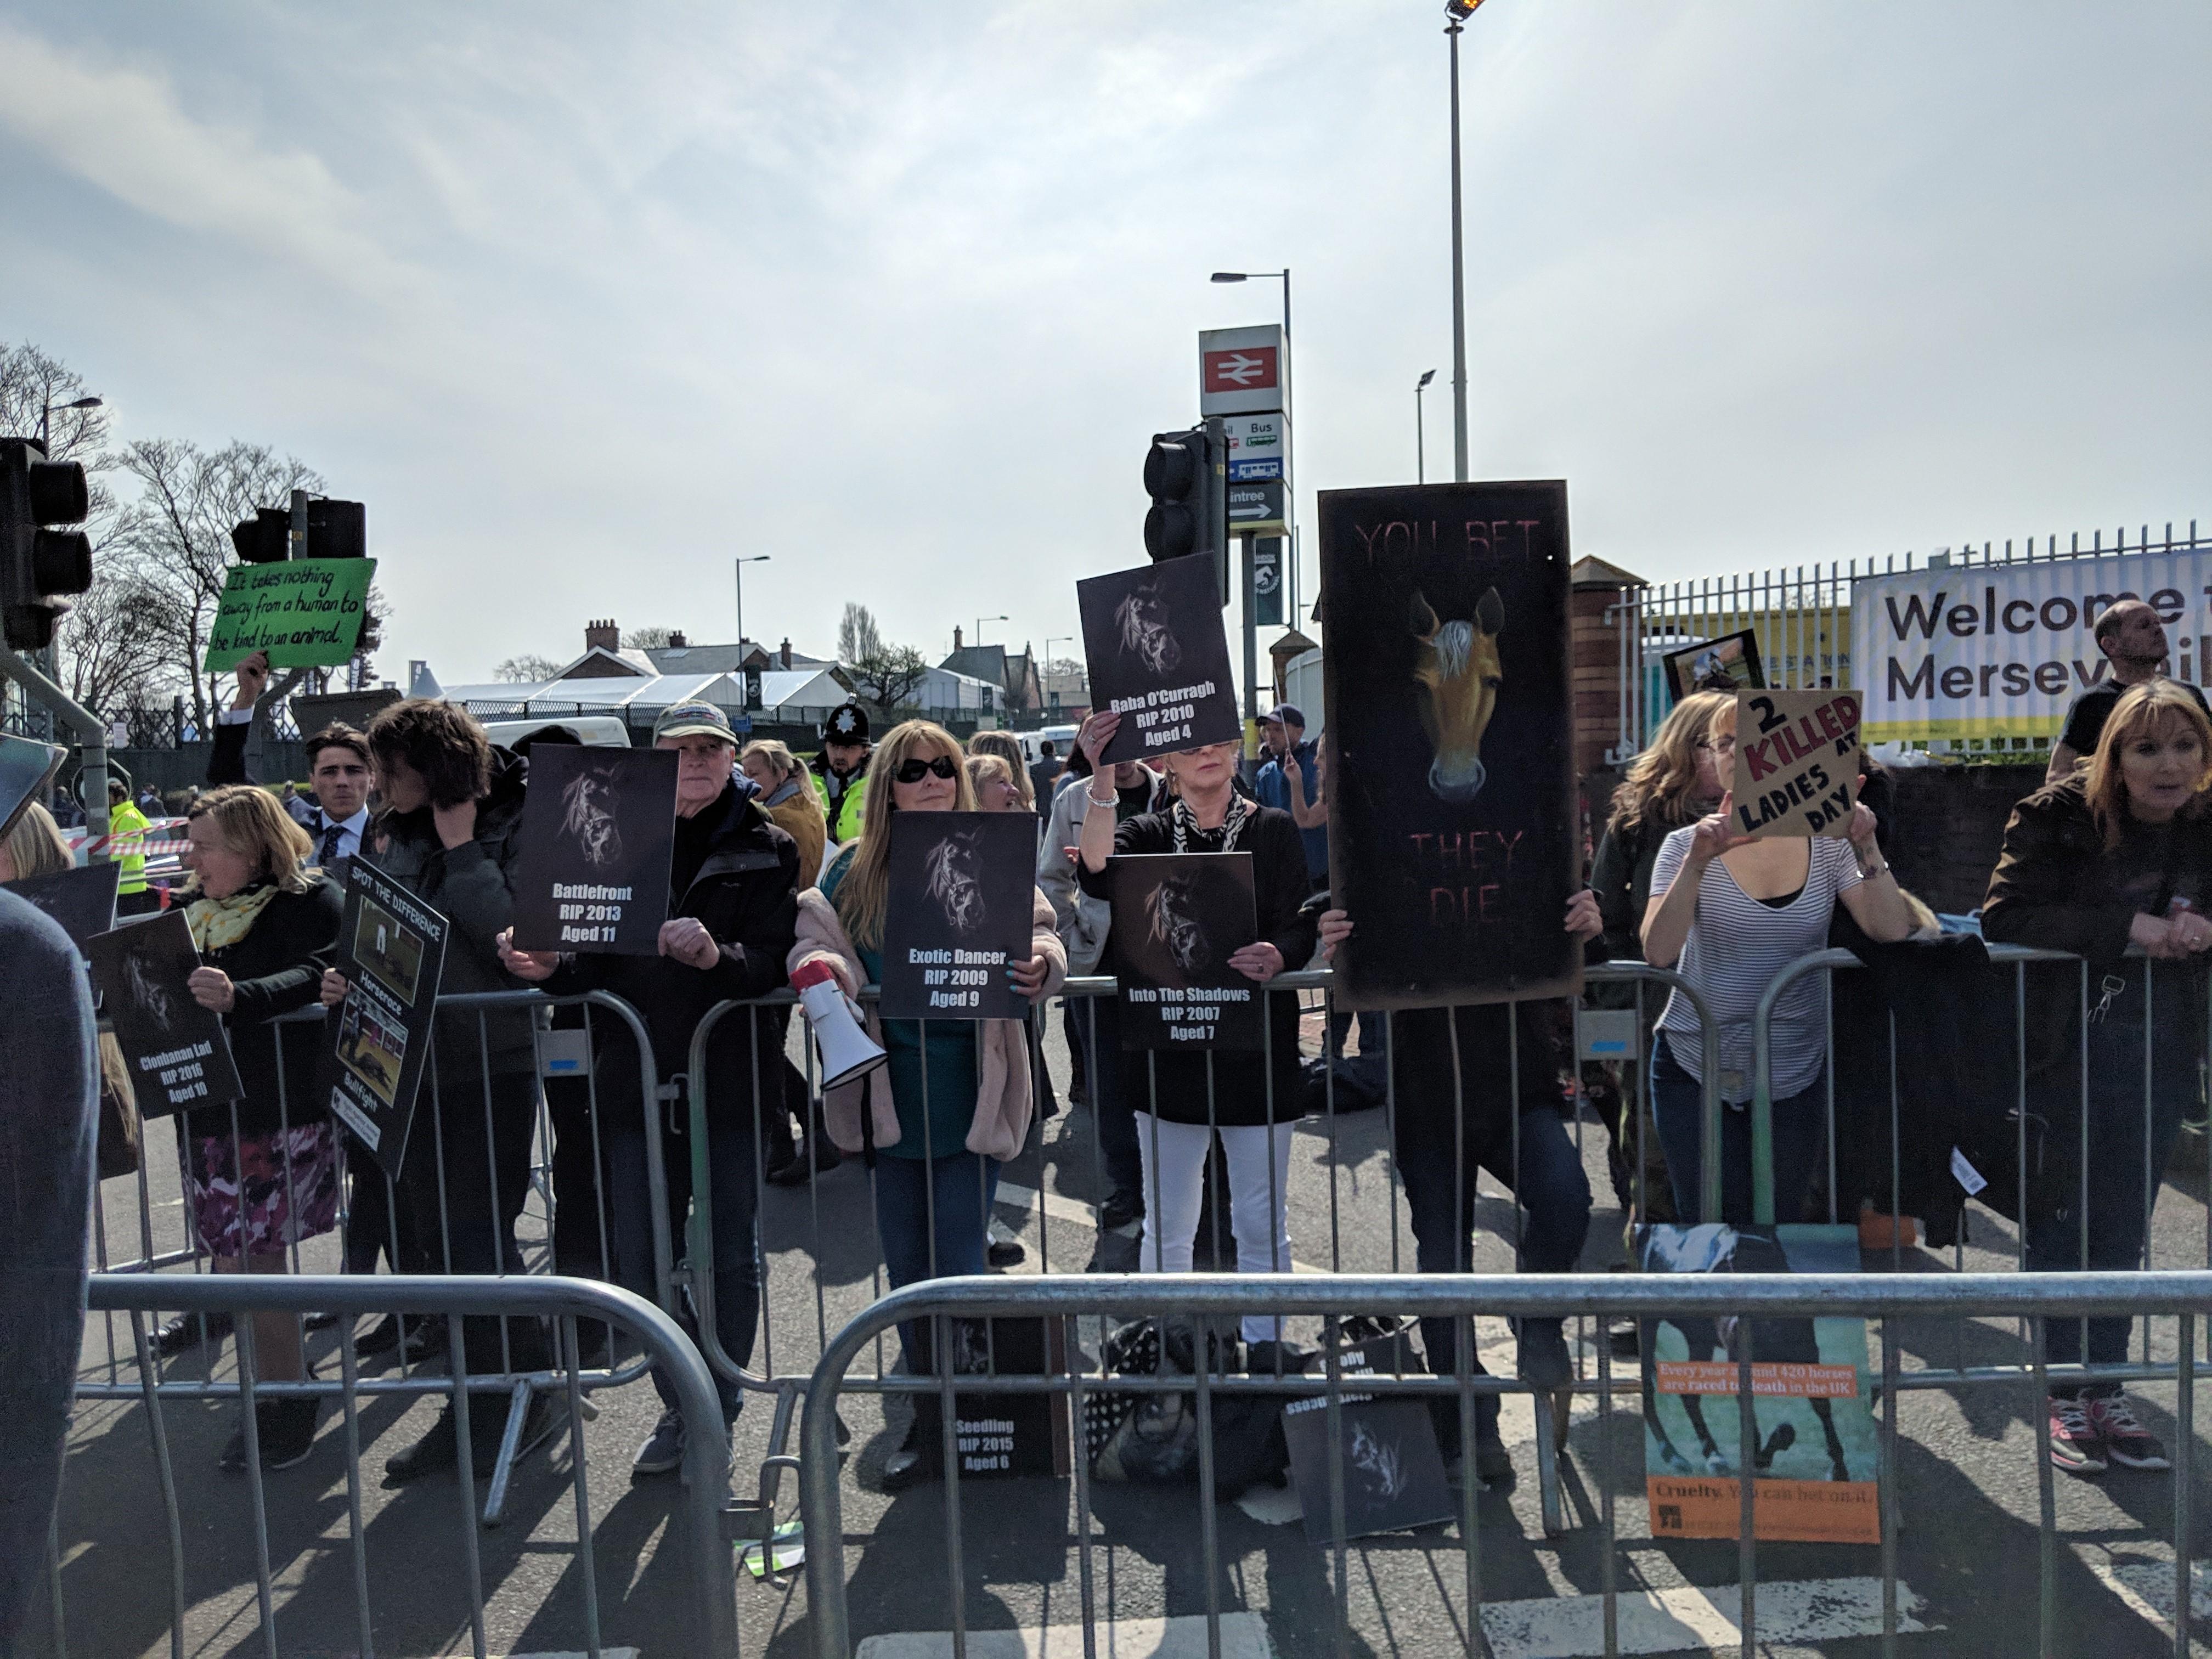 Hayvan hakları savunucuları hipodrom girişinde at ölümlerini protesto ettiler. (Bu görsel The Jockey Club'ın izniyle kullanılmıştır)